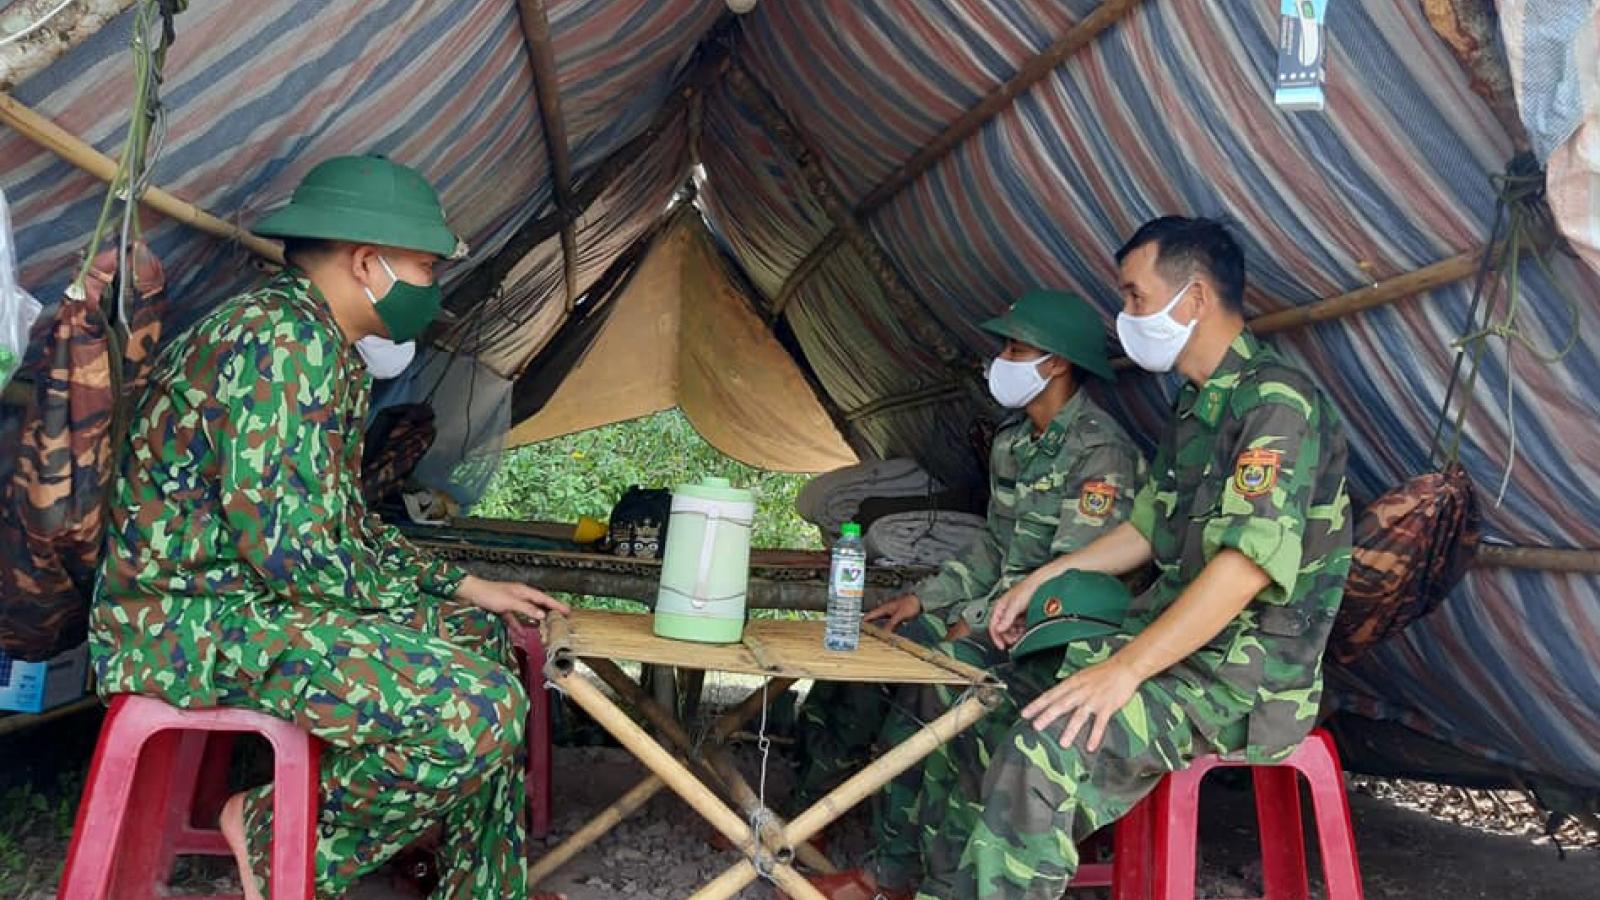 Bộ đội Biên phòng kích hoạt lại toàn bộ hoạt động chống dịch Covid 19